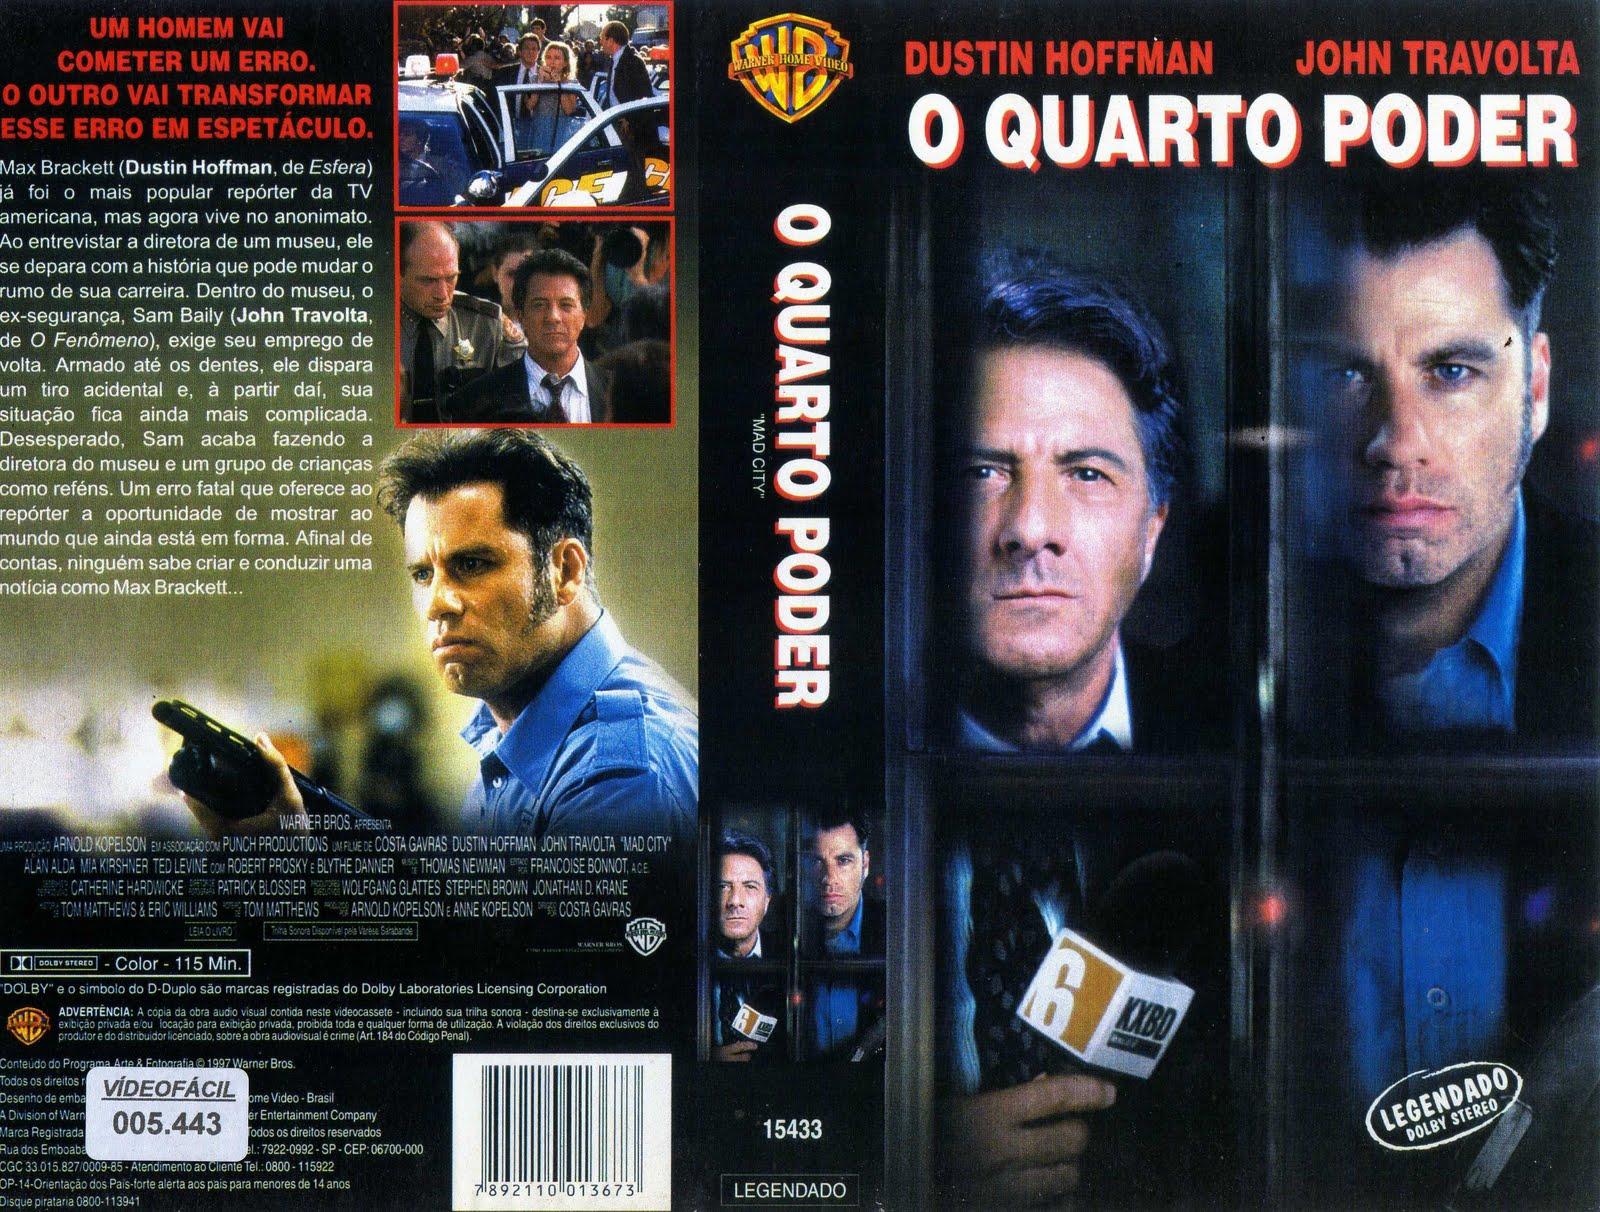 o-quarto-poder-capa-dvd - Portal Galego da Língua - PGL.gal